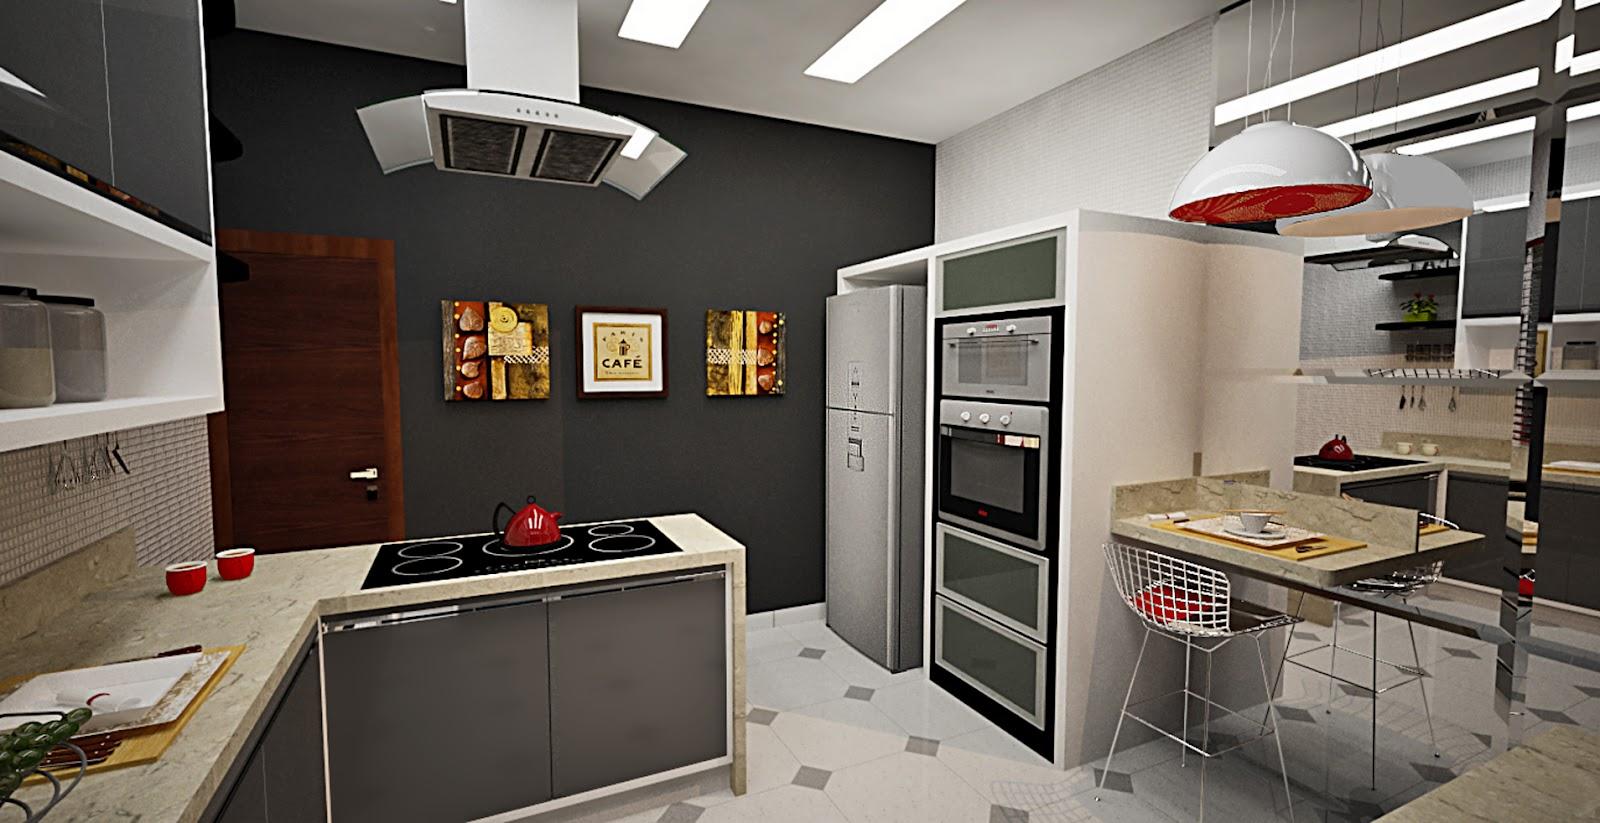 #AB8620 para refeições rápidas cooktop em bancada tipo ilha além de  1600x823 px Projetos De Cozinha Para Lanchonete_5511 Imagens